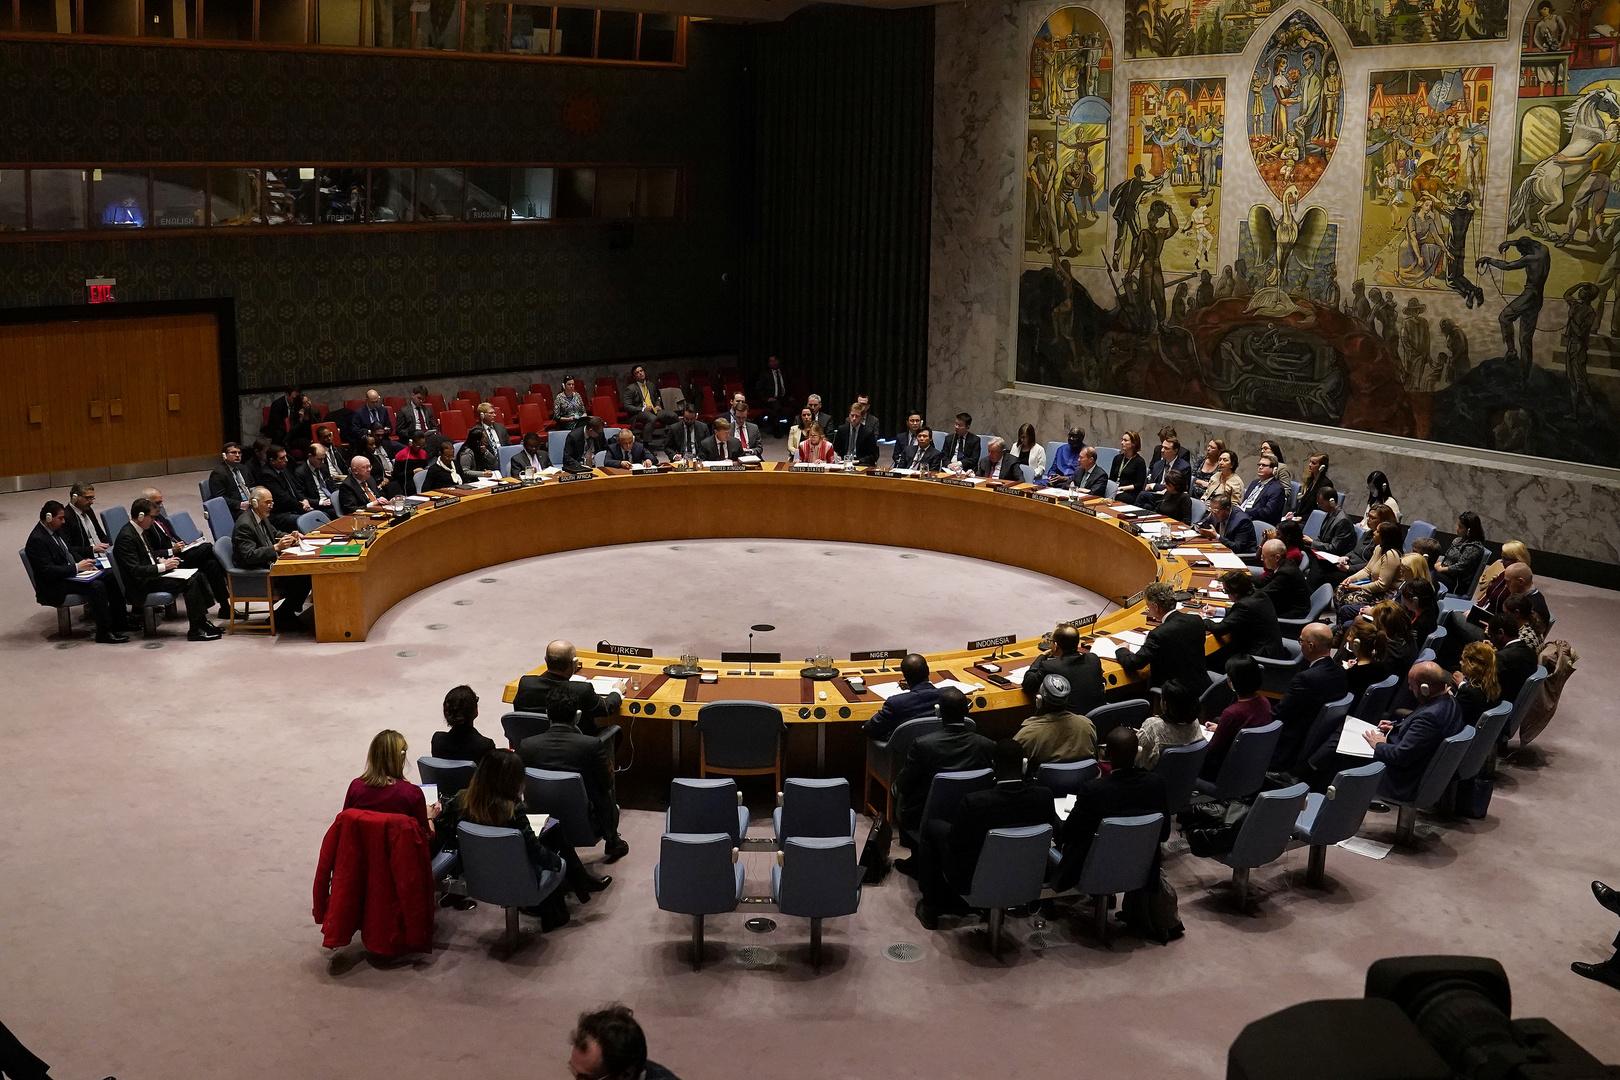 منصور: جلسة لمجلس الأمن الخميس المقبل لمتابعة تنفيذ القرار 2334 بشأن الاستيطان